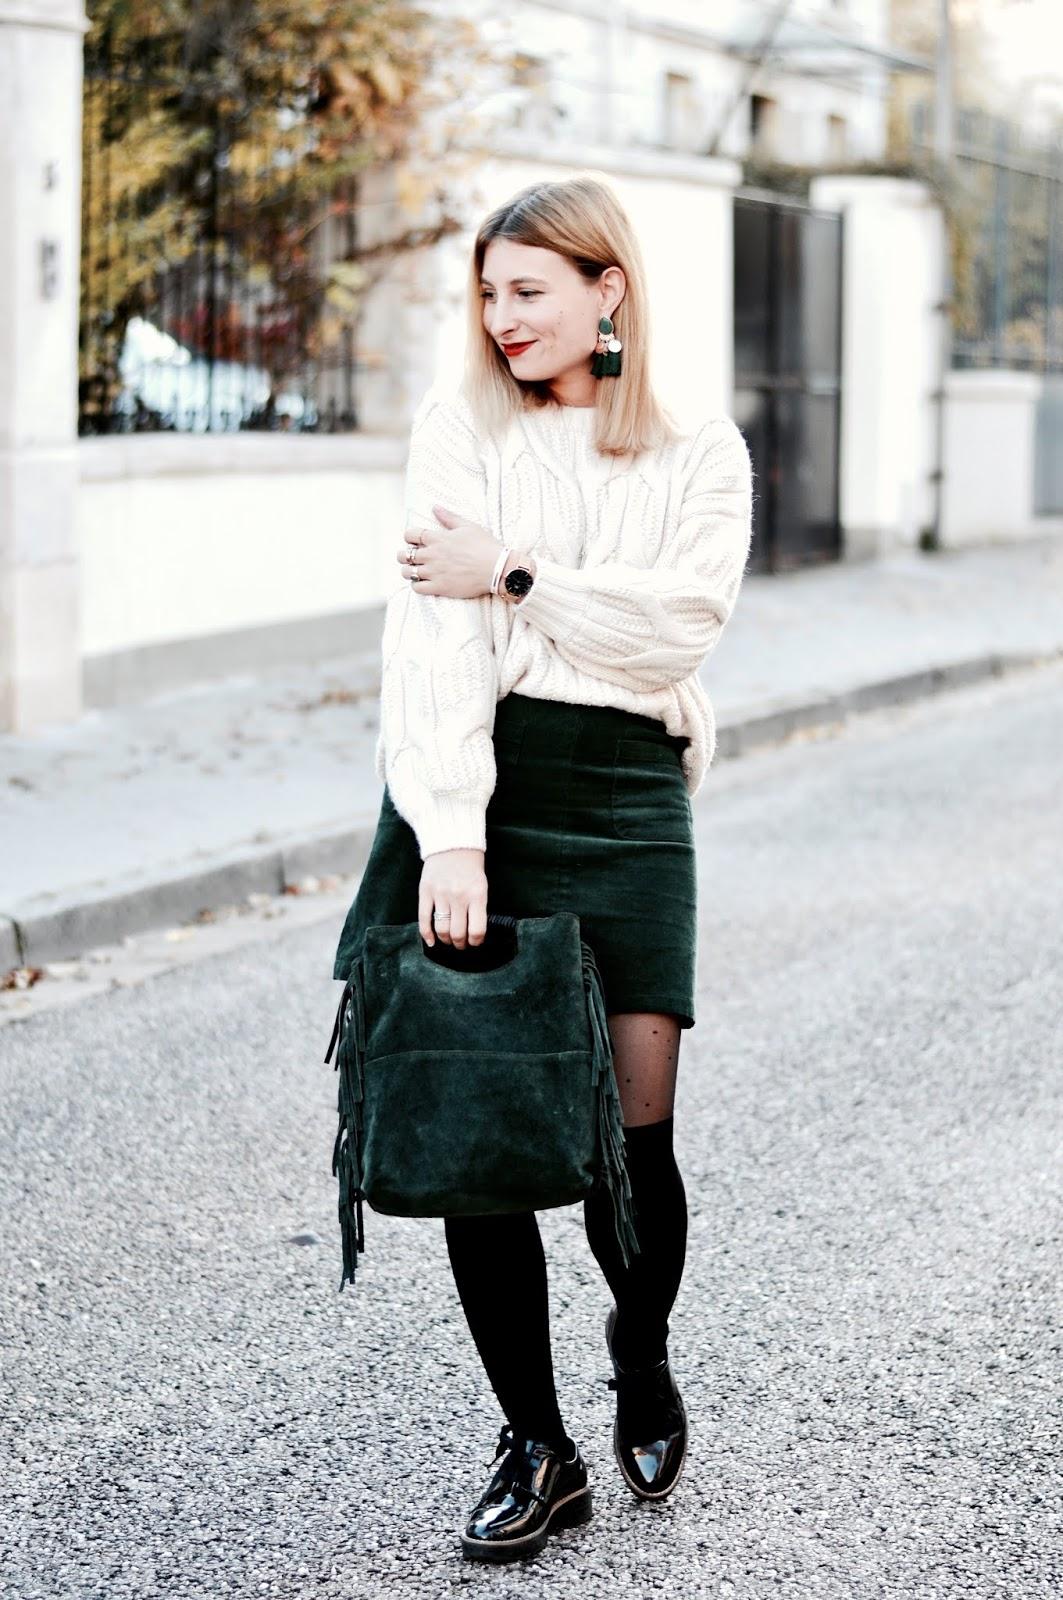 Look femme automne : grosse maille, jupe velours côtelé et collants fantaisie